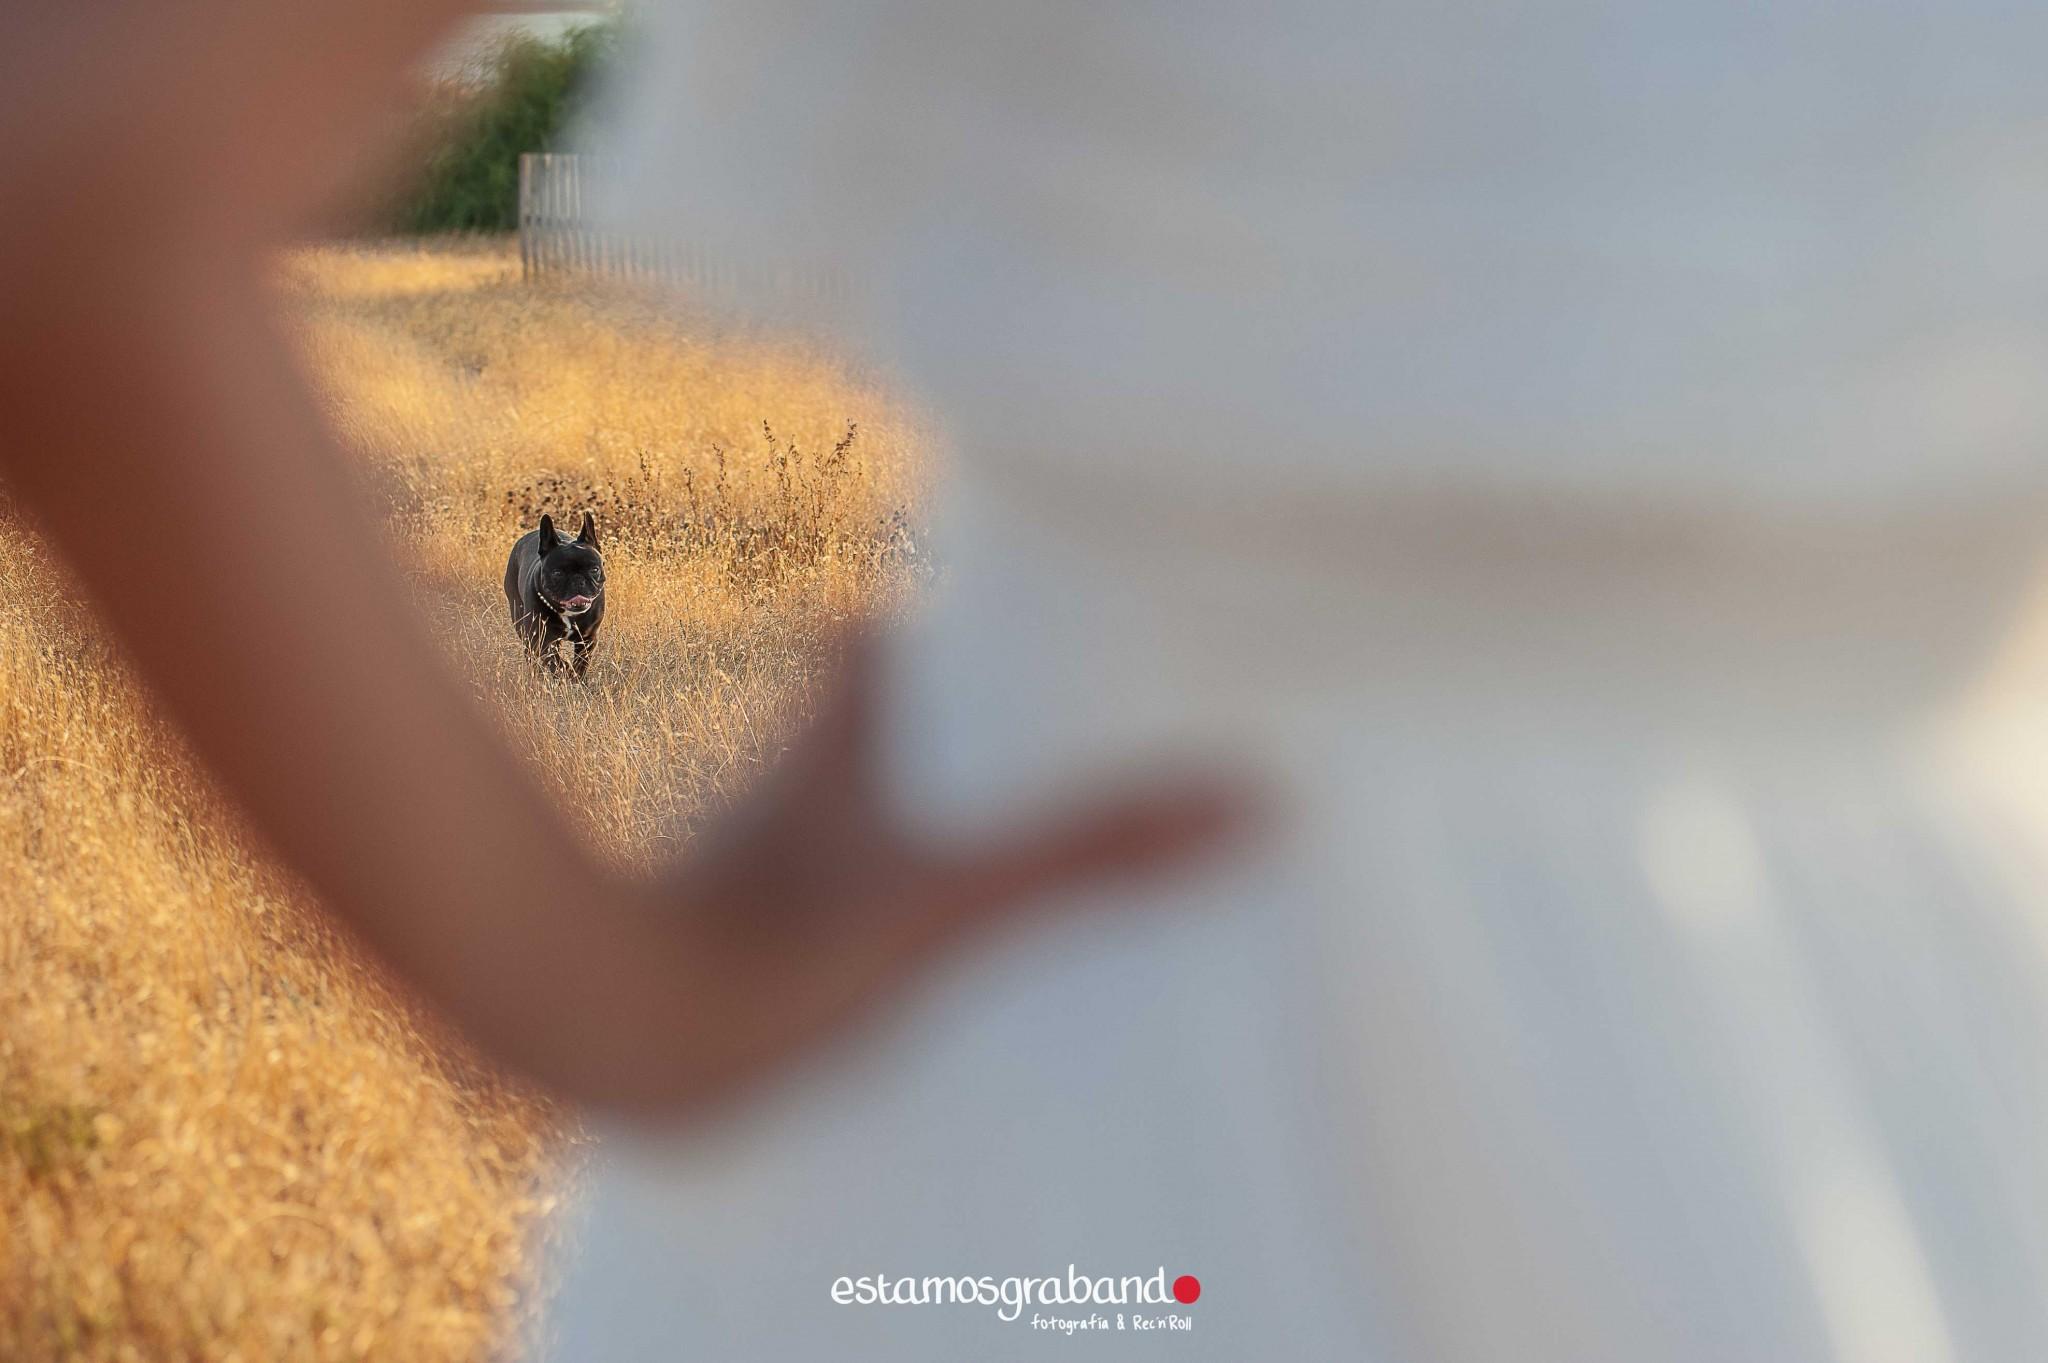 pareja-misteriosa_estamosgrabando-24 Sancti Petri y sus luces [Preboda Raquel & Ale] - video boda cadiz